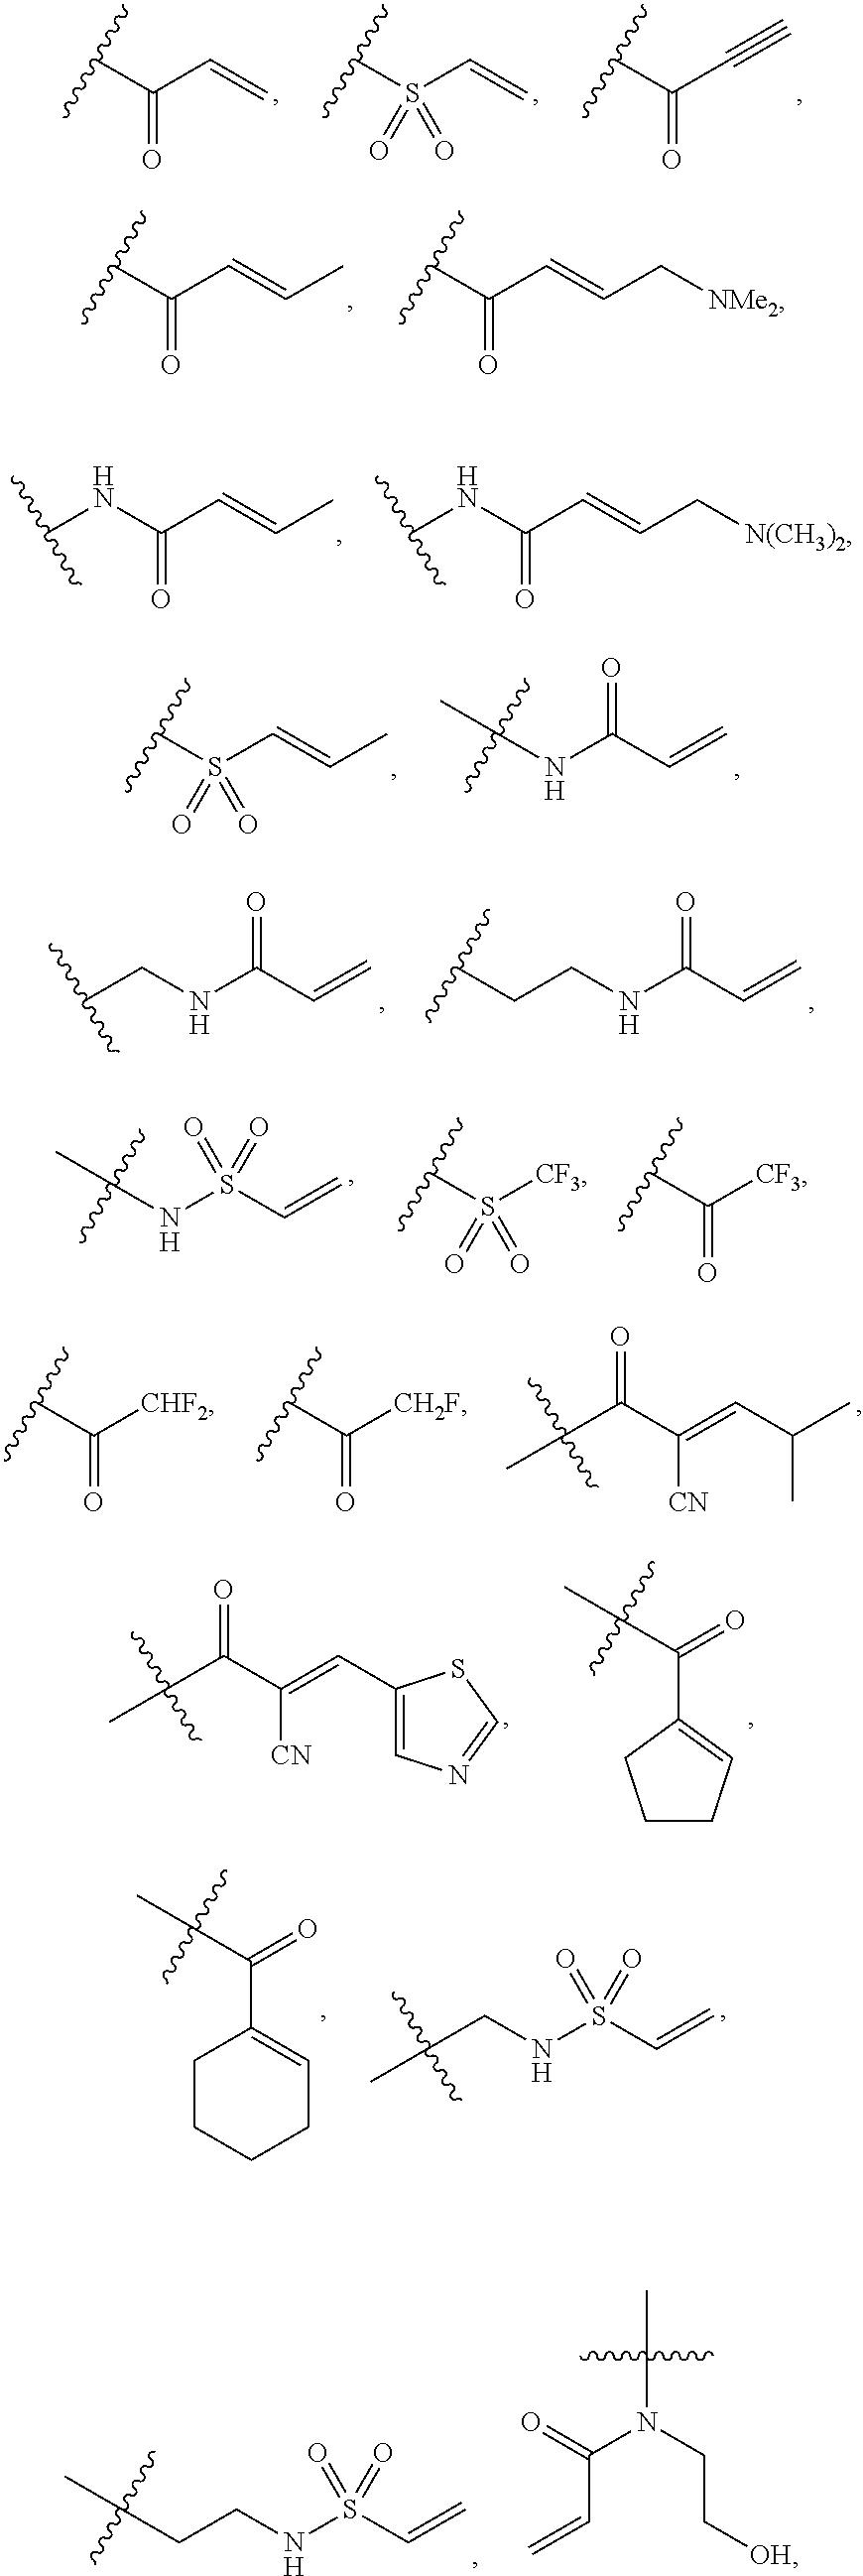 Figure US09810690-20171107-C00003